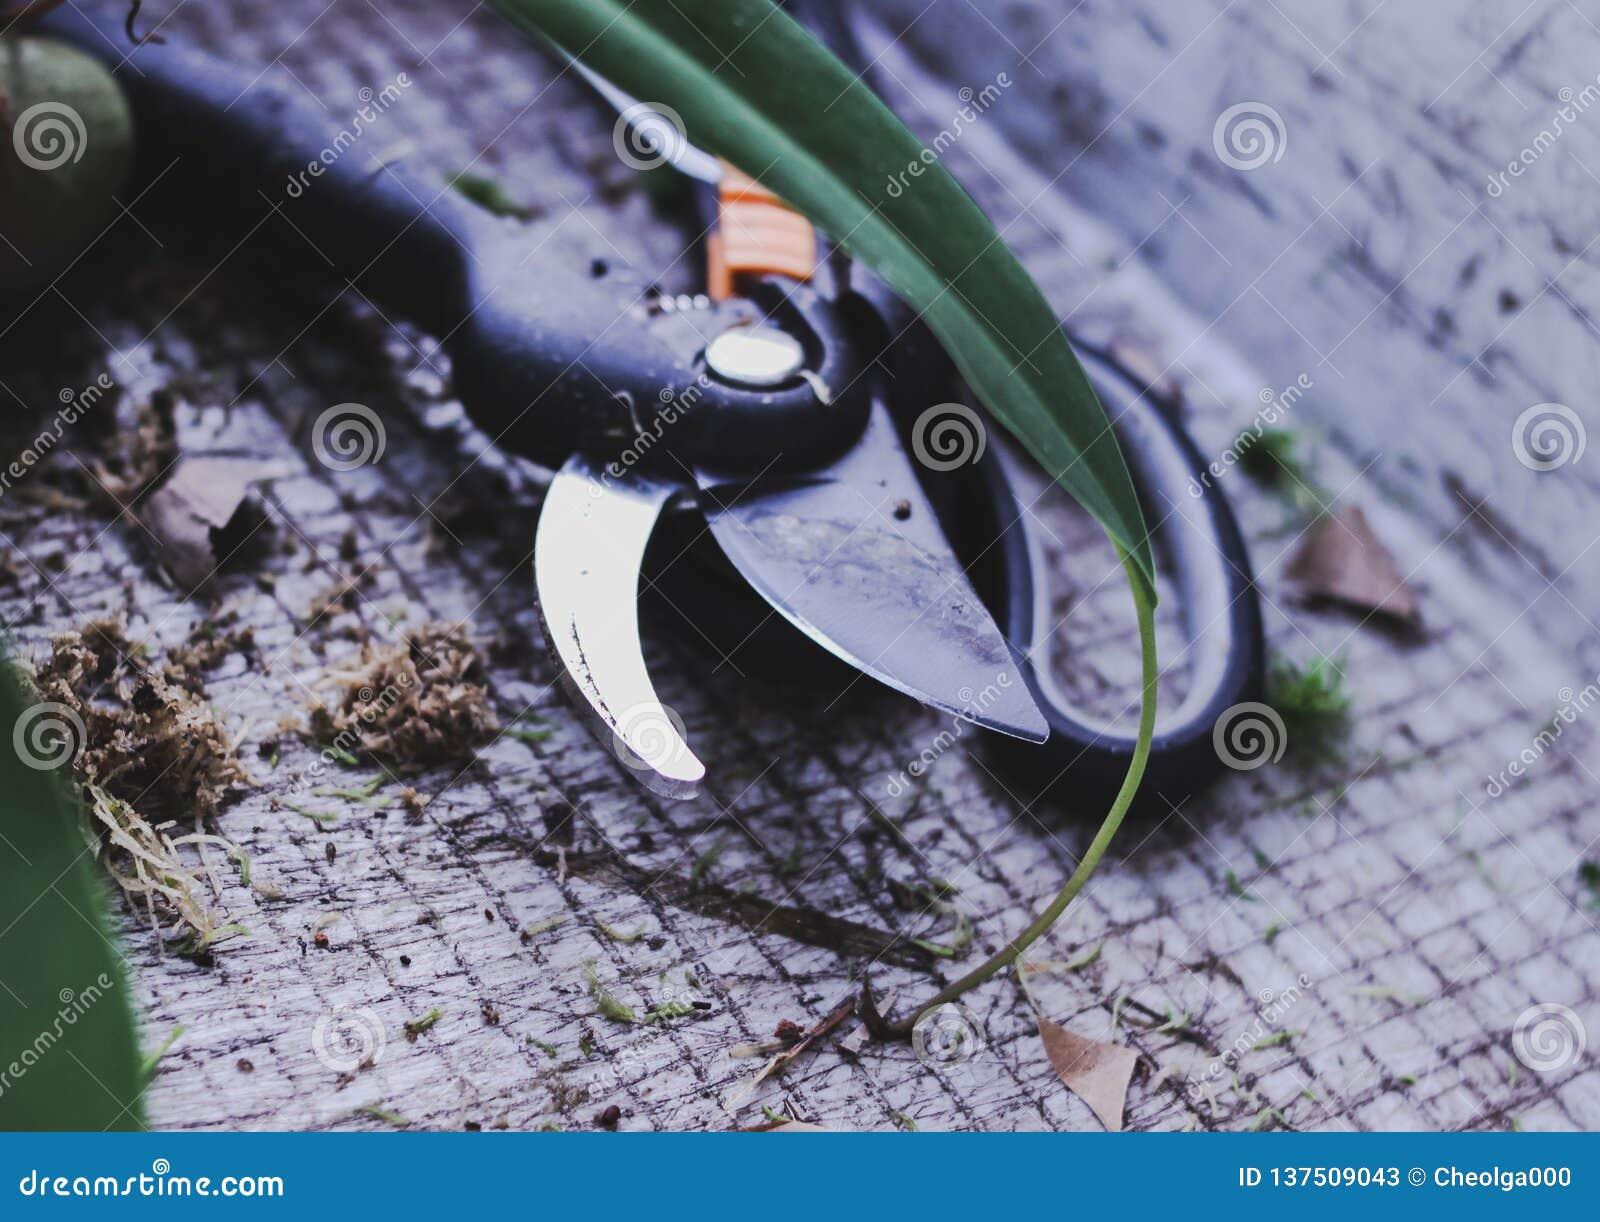 Coupeur d outils de jardin, ciseaux fleurs de transplantation au printemps